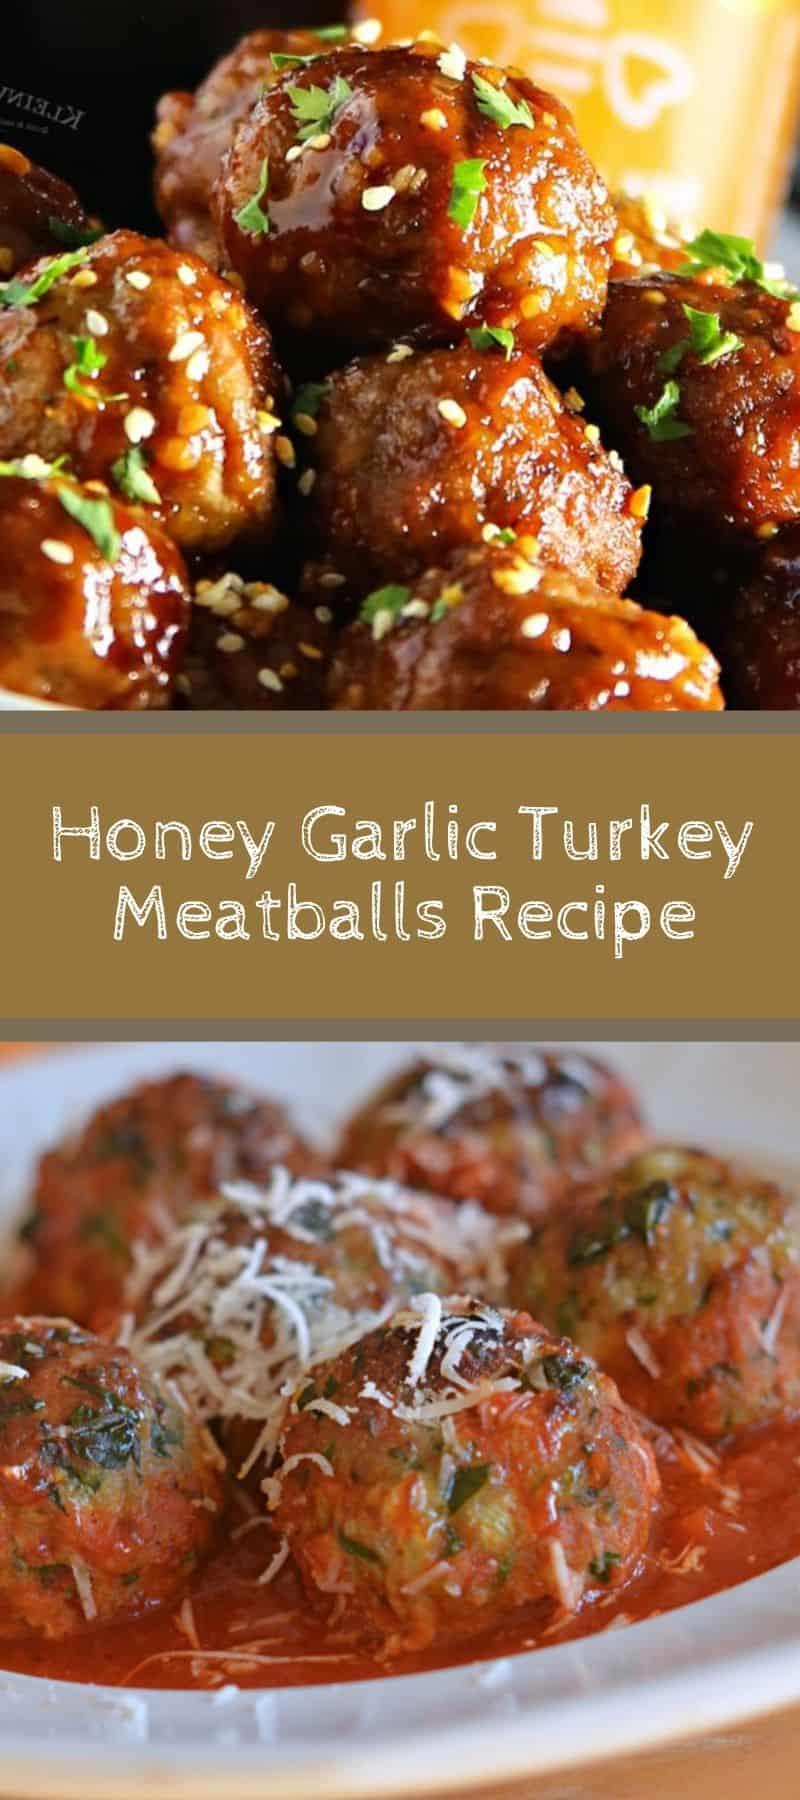 Honey Garlic Turkey Meatballs Recipe 3